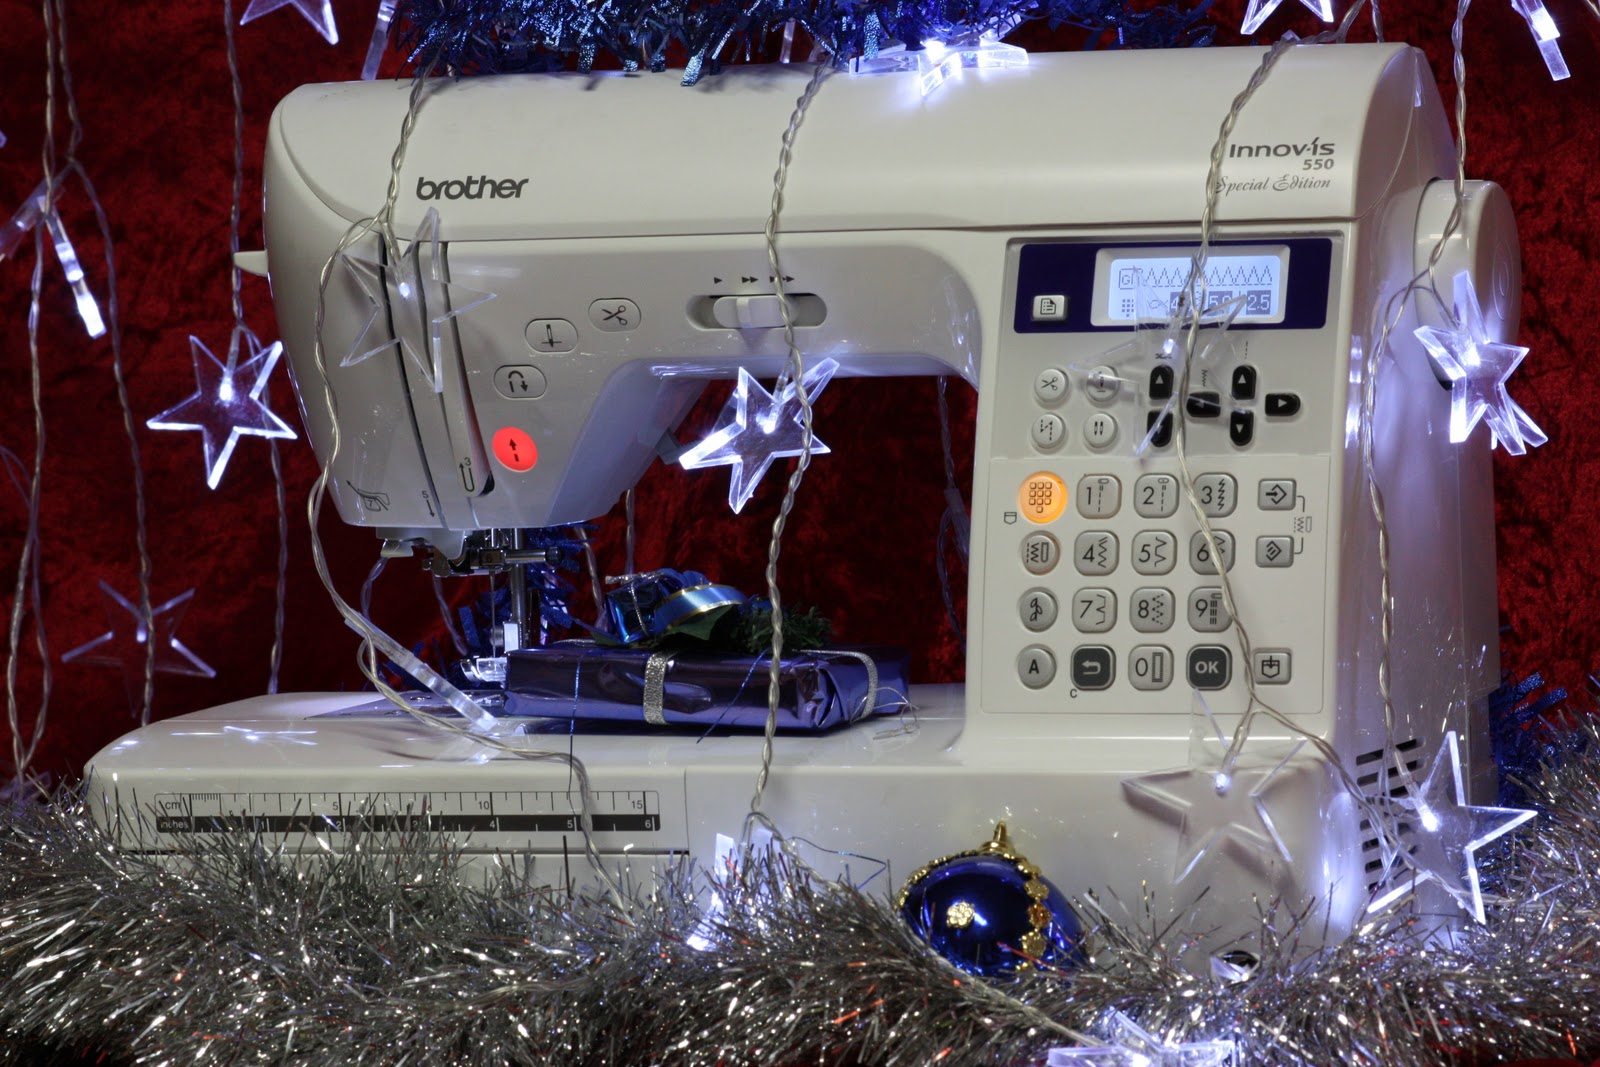 Achat vente et r paration de machine coudre et broder machine a coudre brother innov is 550 se - Reparation machine a coudre brother ...